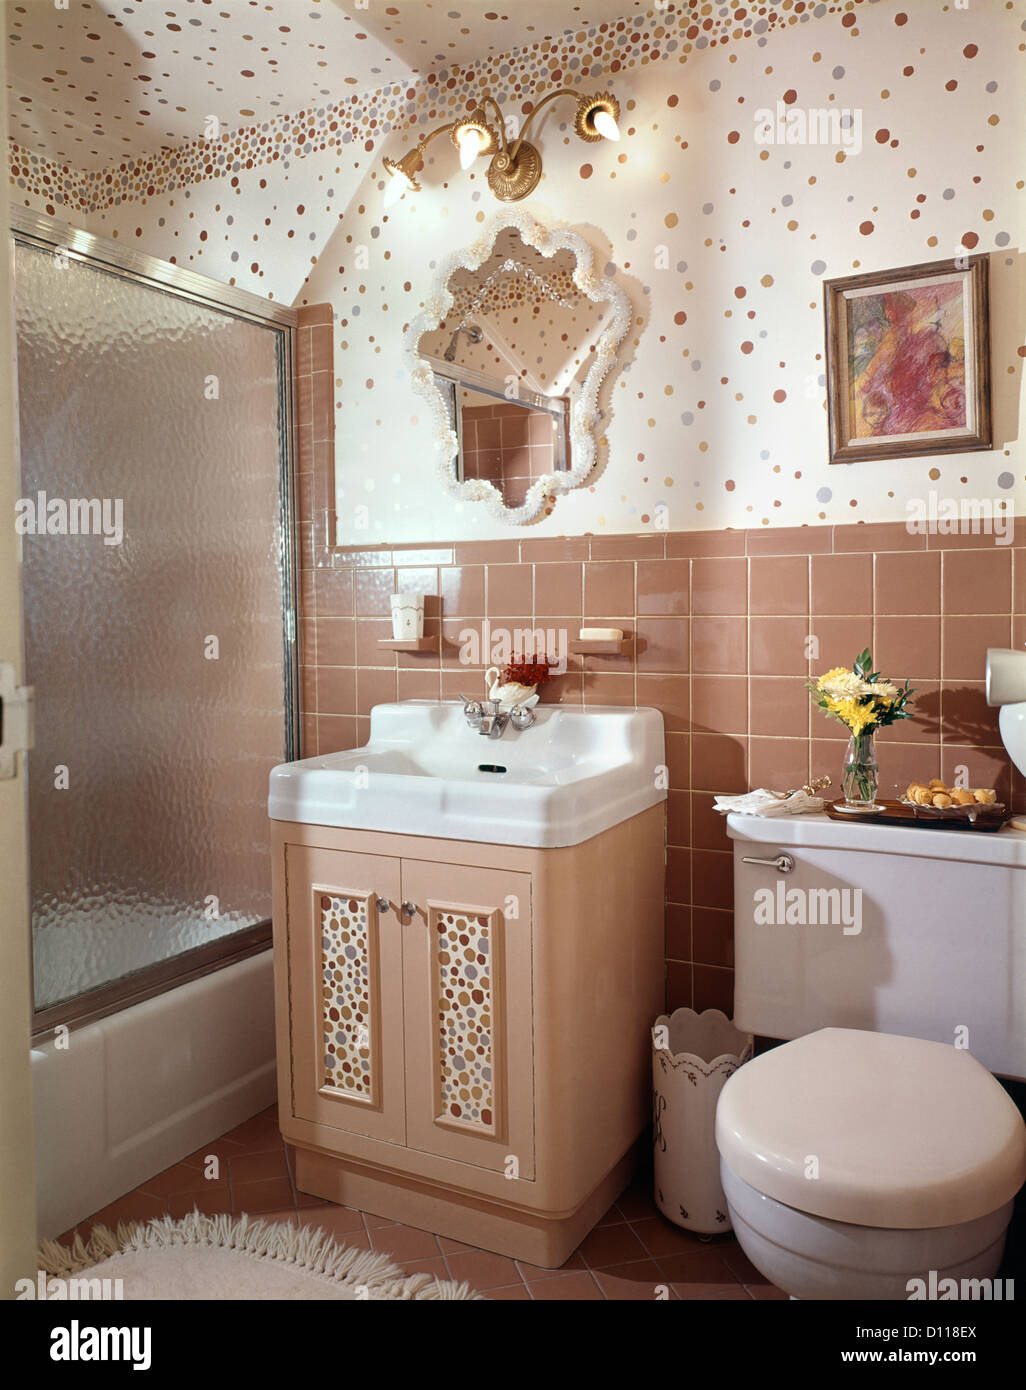 Anni sessanta interno del beige bagno rivestito di piastrelle bagno con la Polka Dot parete